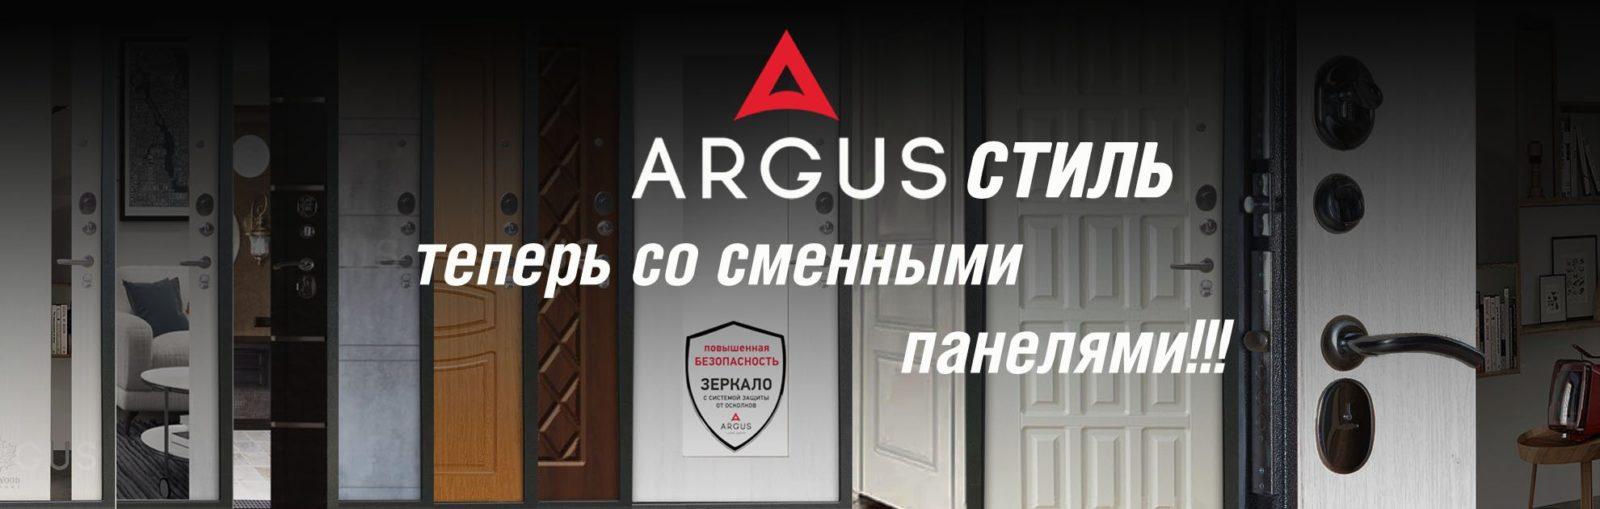 Аргус Стиль со сменными панелями